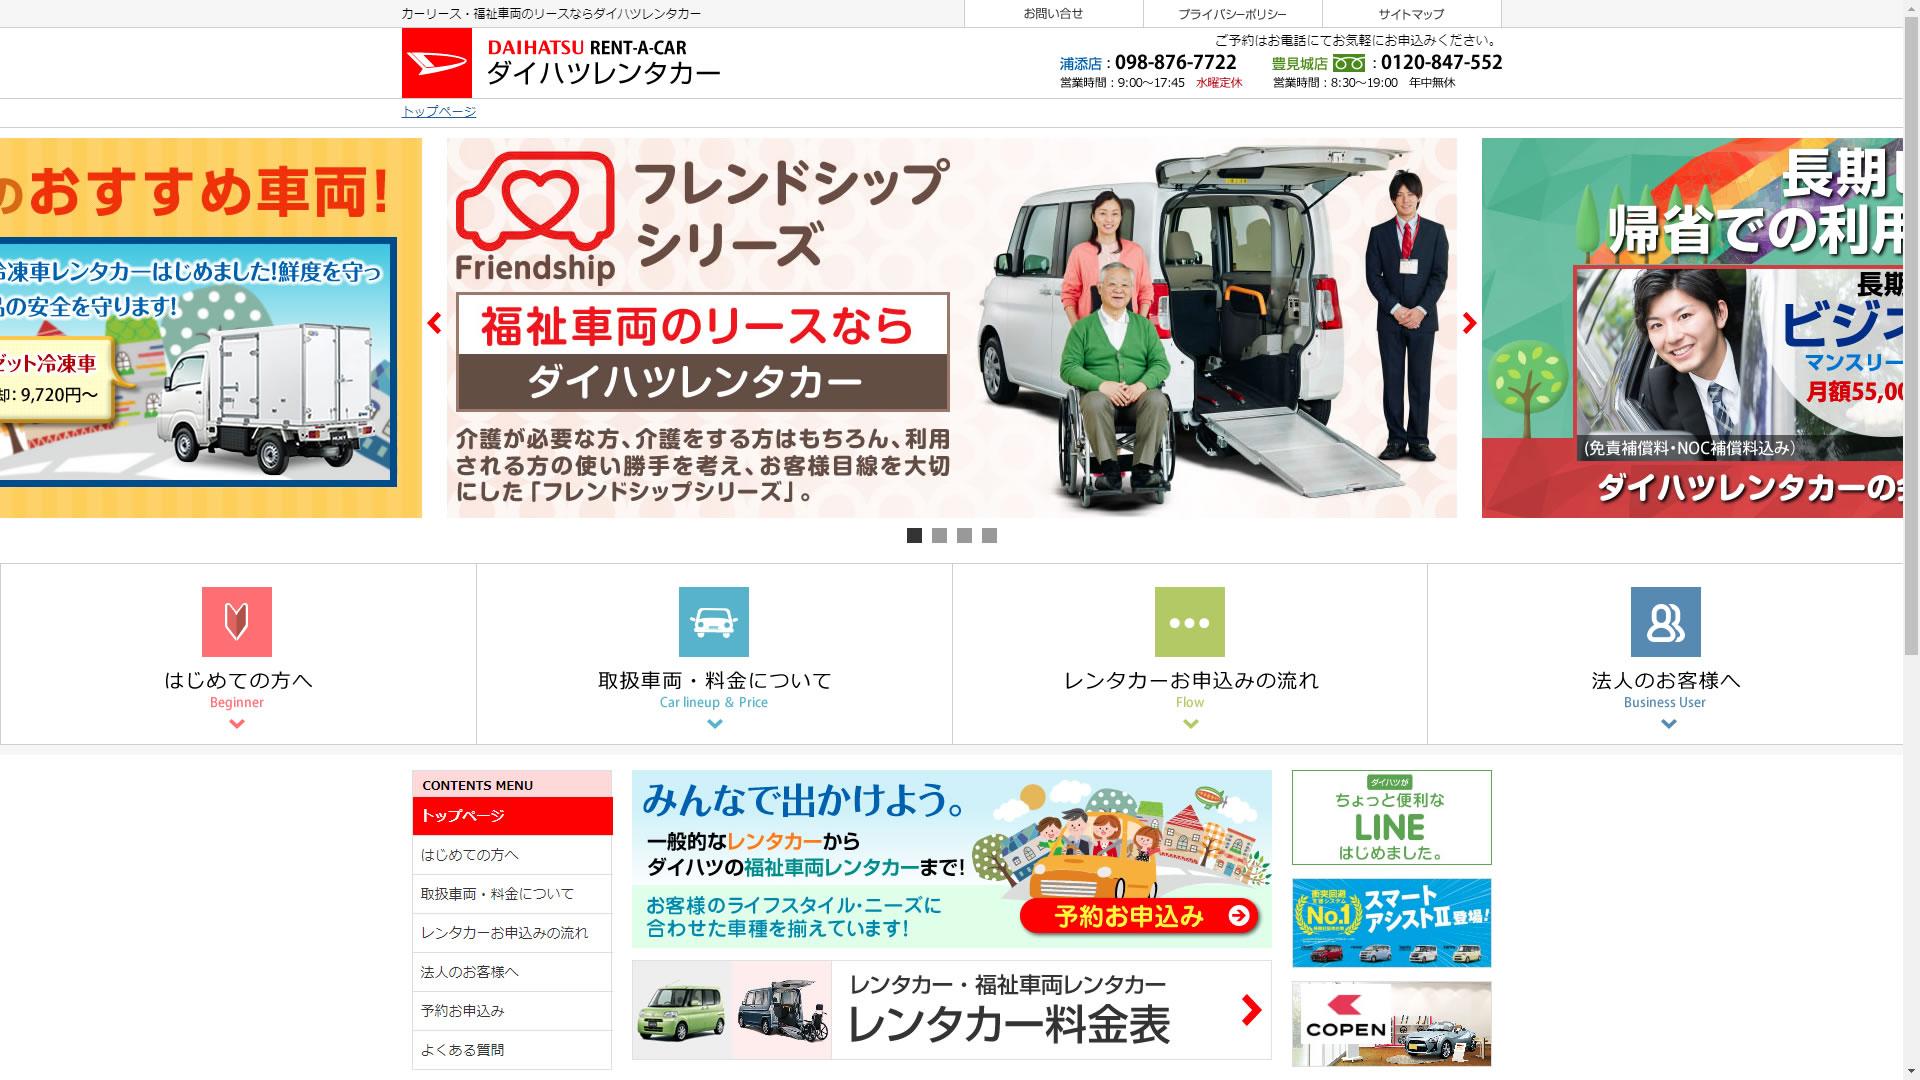 ダイハツレンタカー – 沖縄のレンタカーならダイハツの新車で楽しく快適に